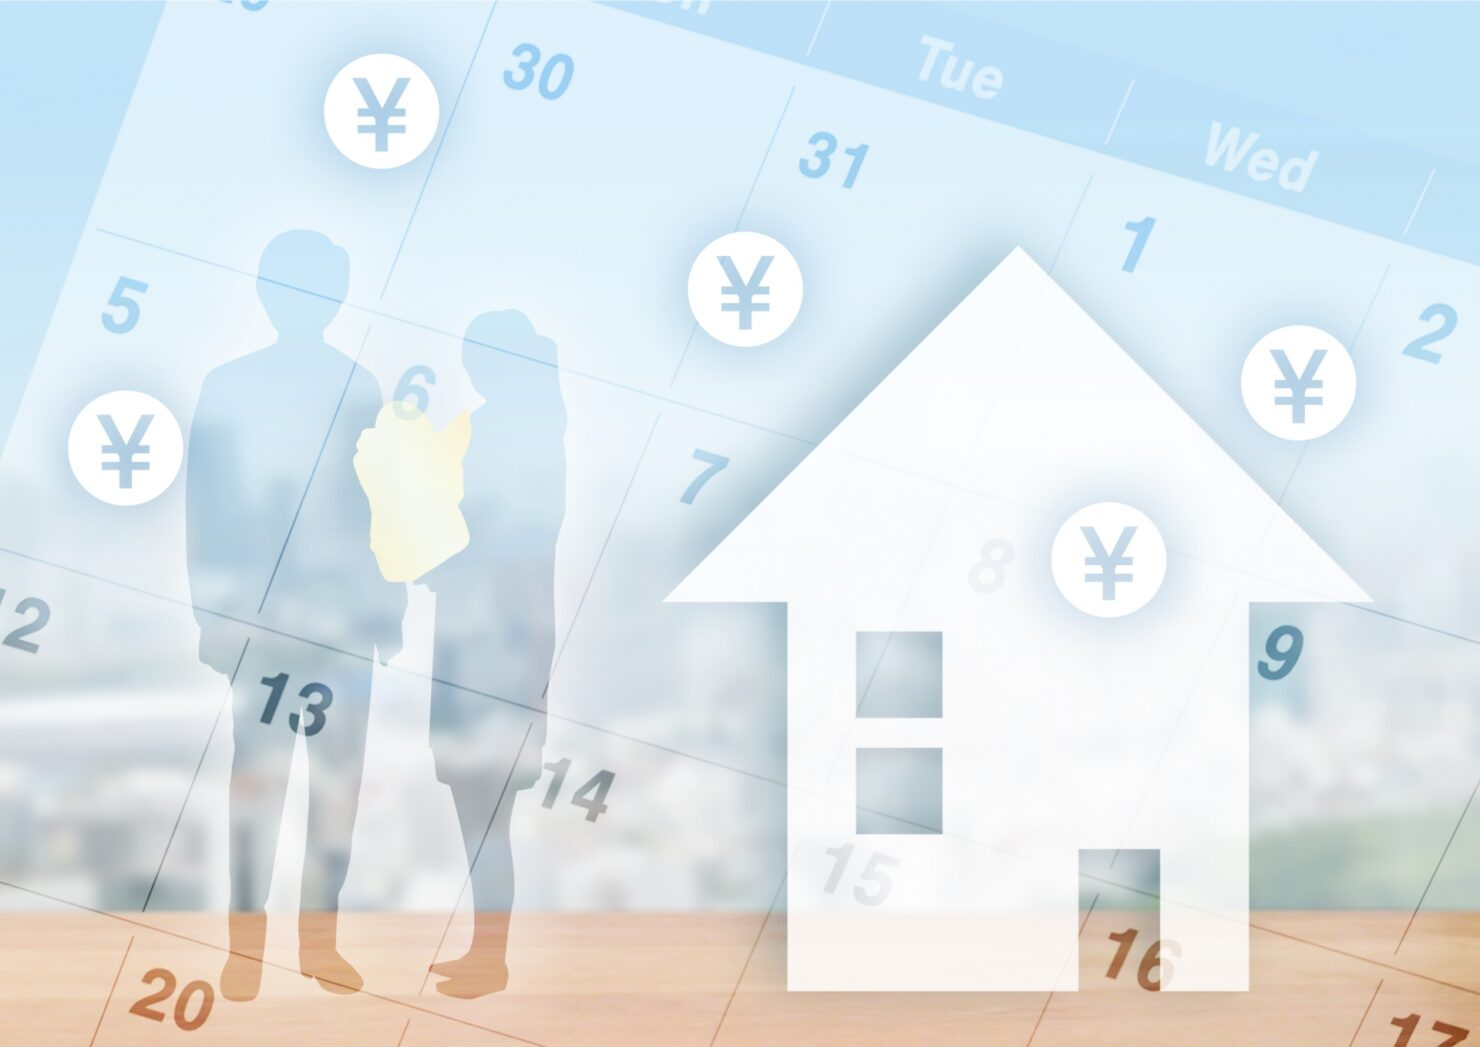 夫婦共働き世帯の平均年収は? 共働きの家事負担やパパママの口座管理はどうしてる?